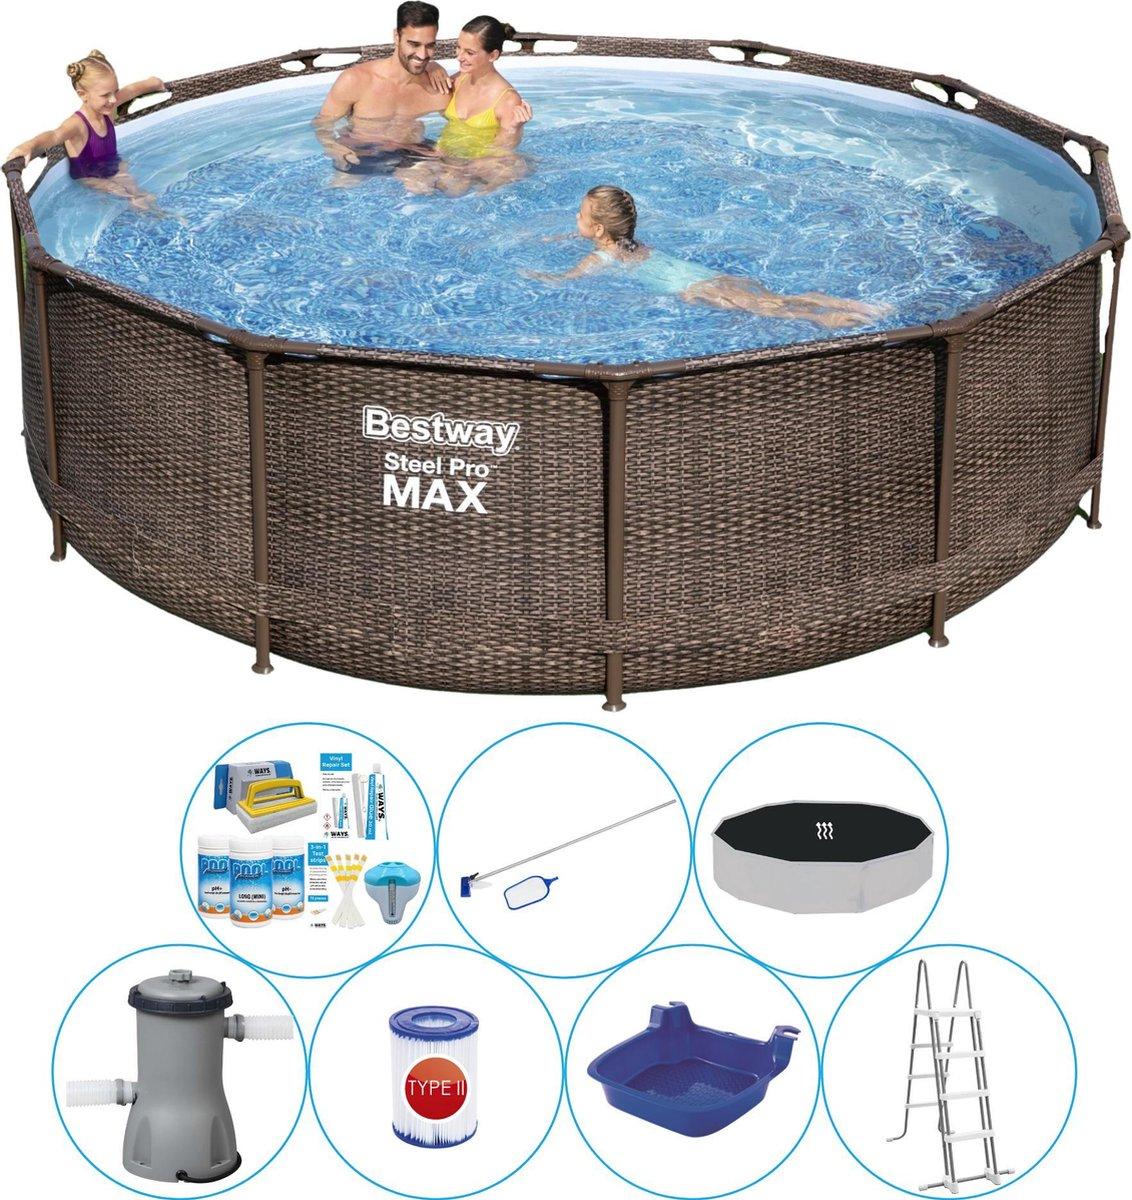 Zwembad Comfort Pakket - Bestway Steel Pro MAX Rattan 366x100 cm